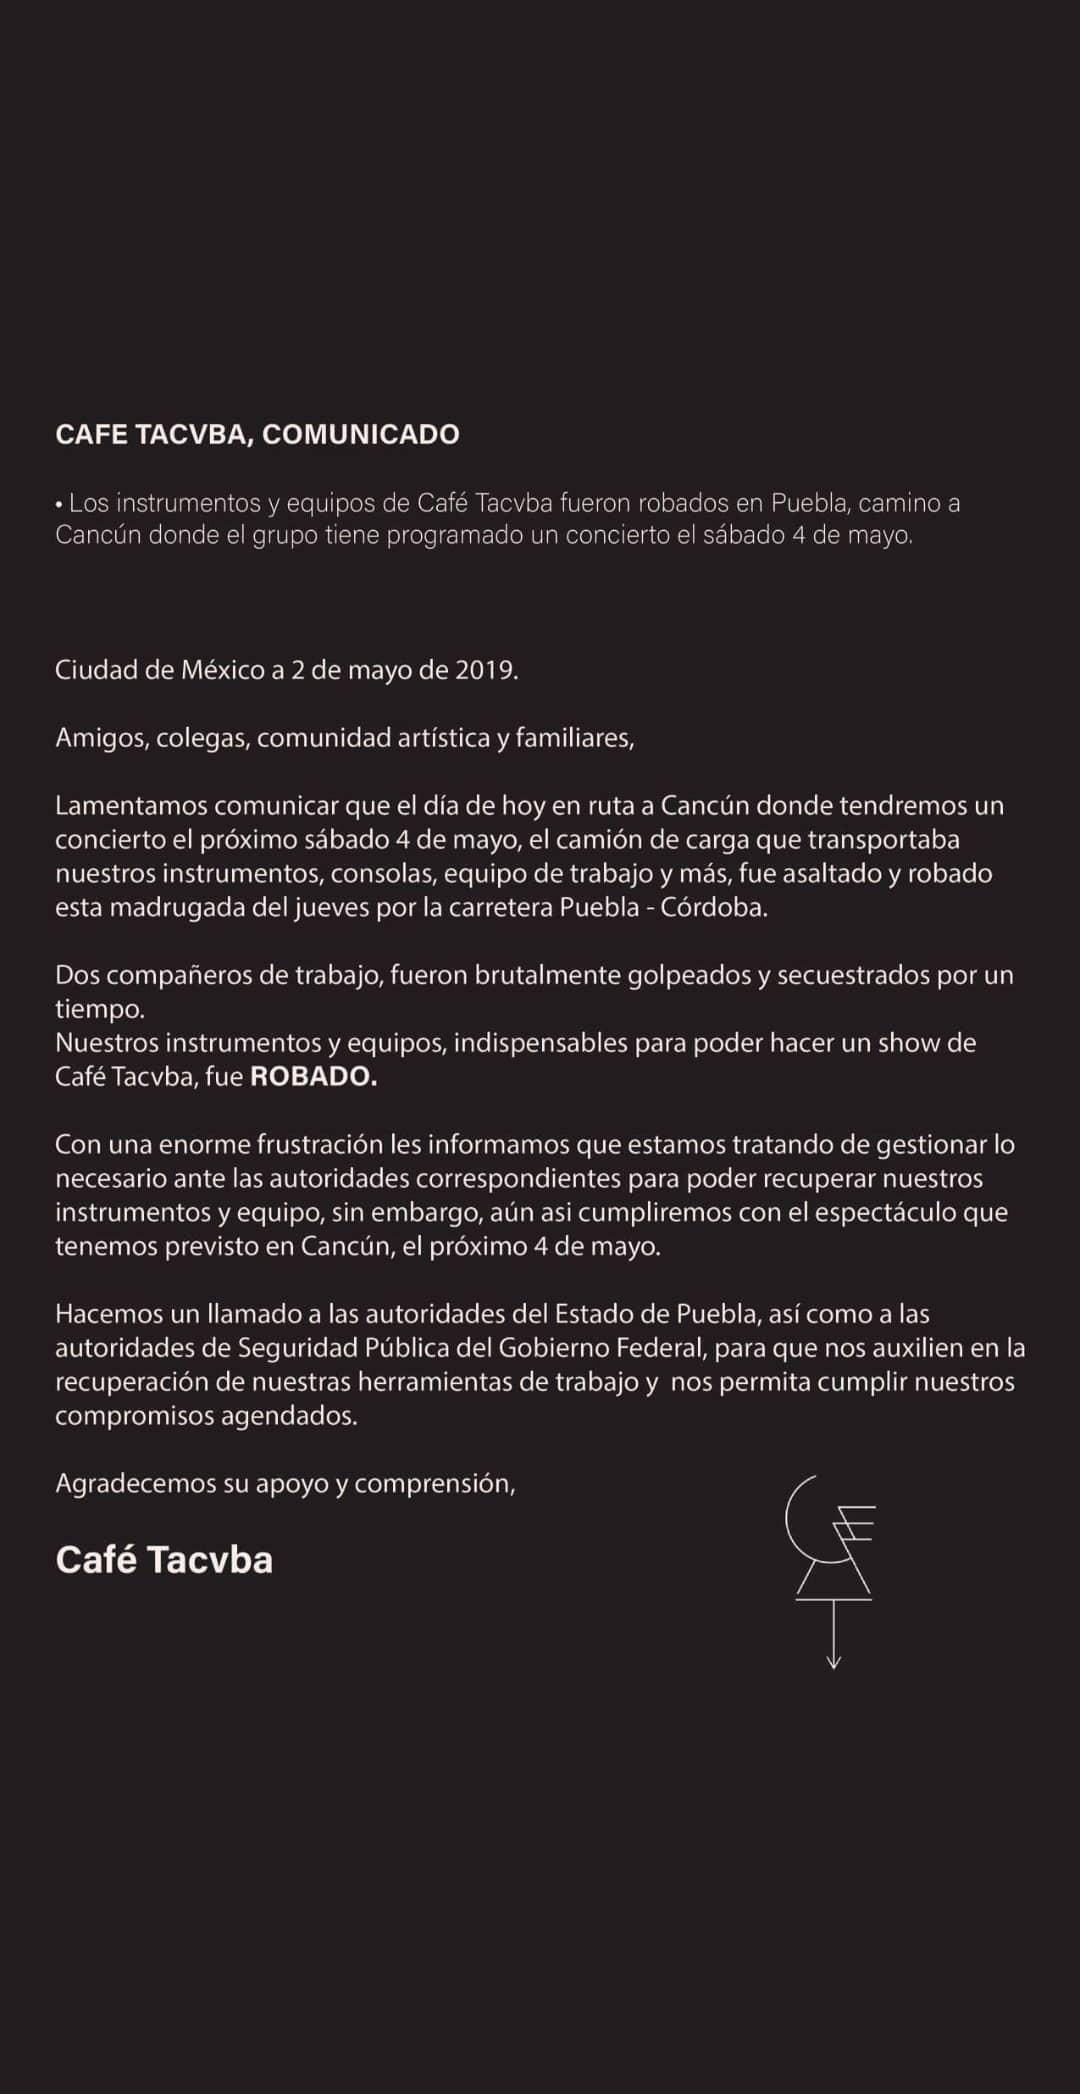 Café Tacvba asalto Cancún